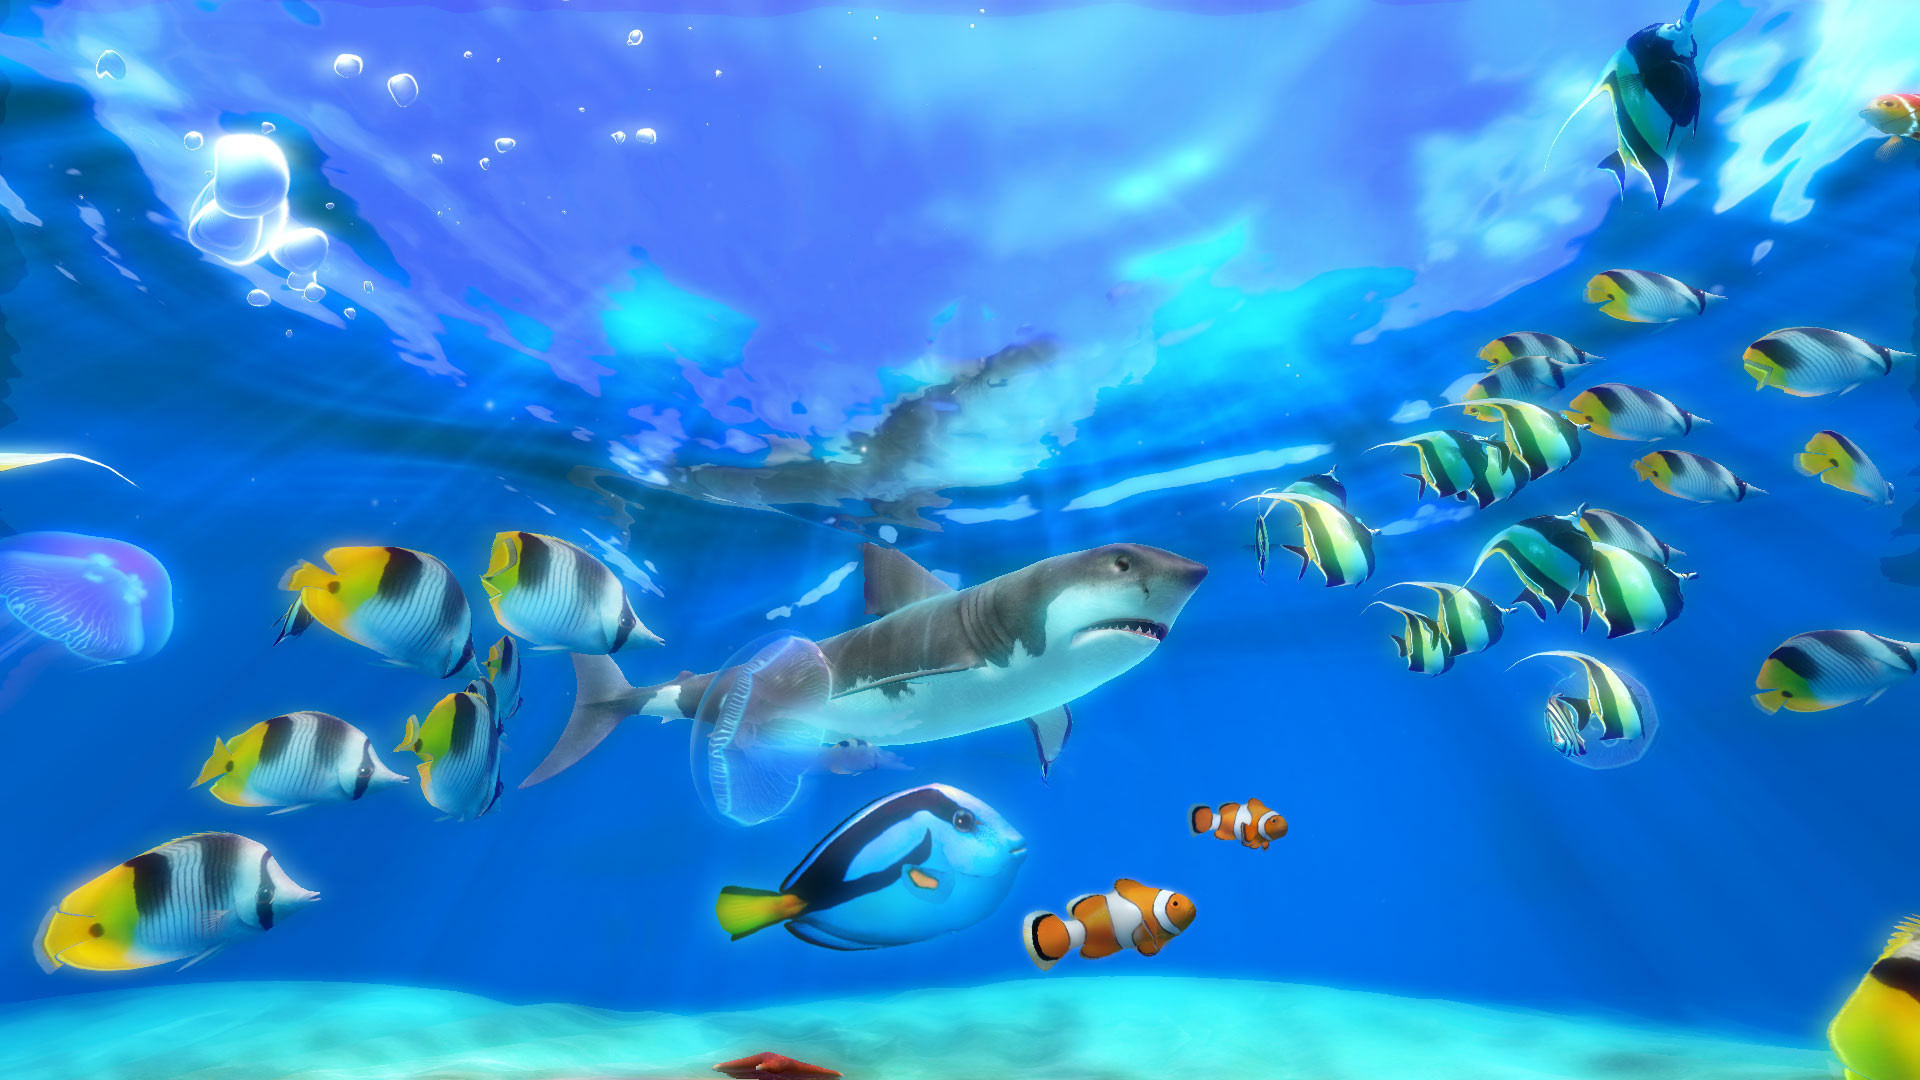 Sim Aquarium 3d Live Wallpaper Aquarium Live Wallpaper For Pc 55 Images